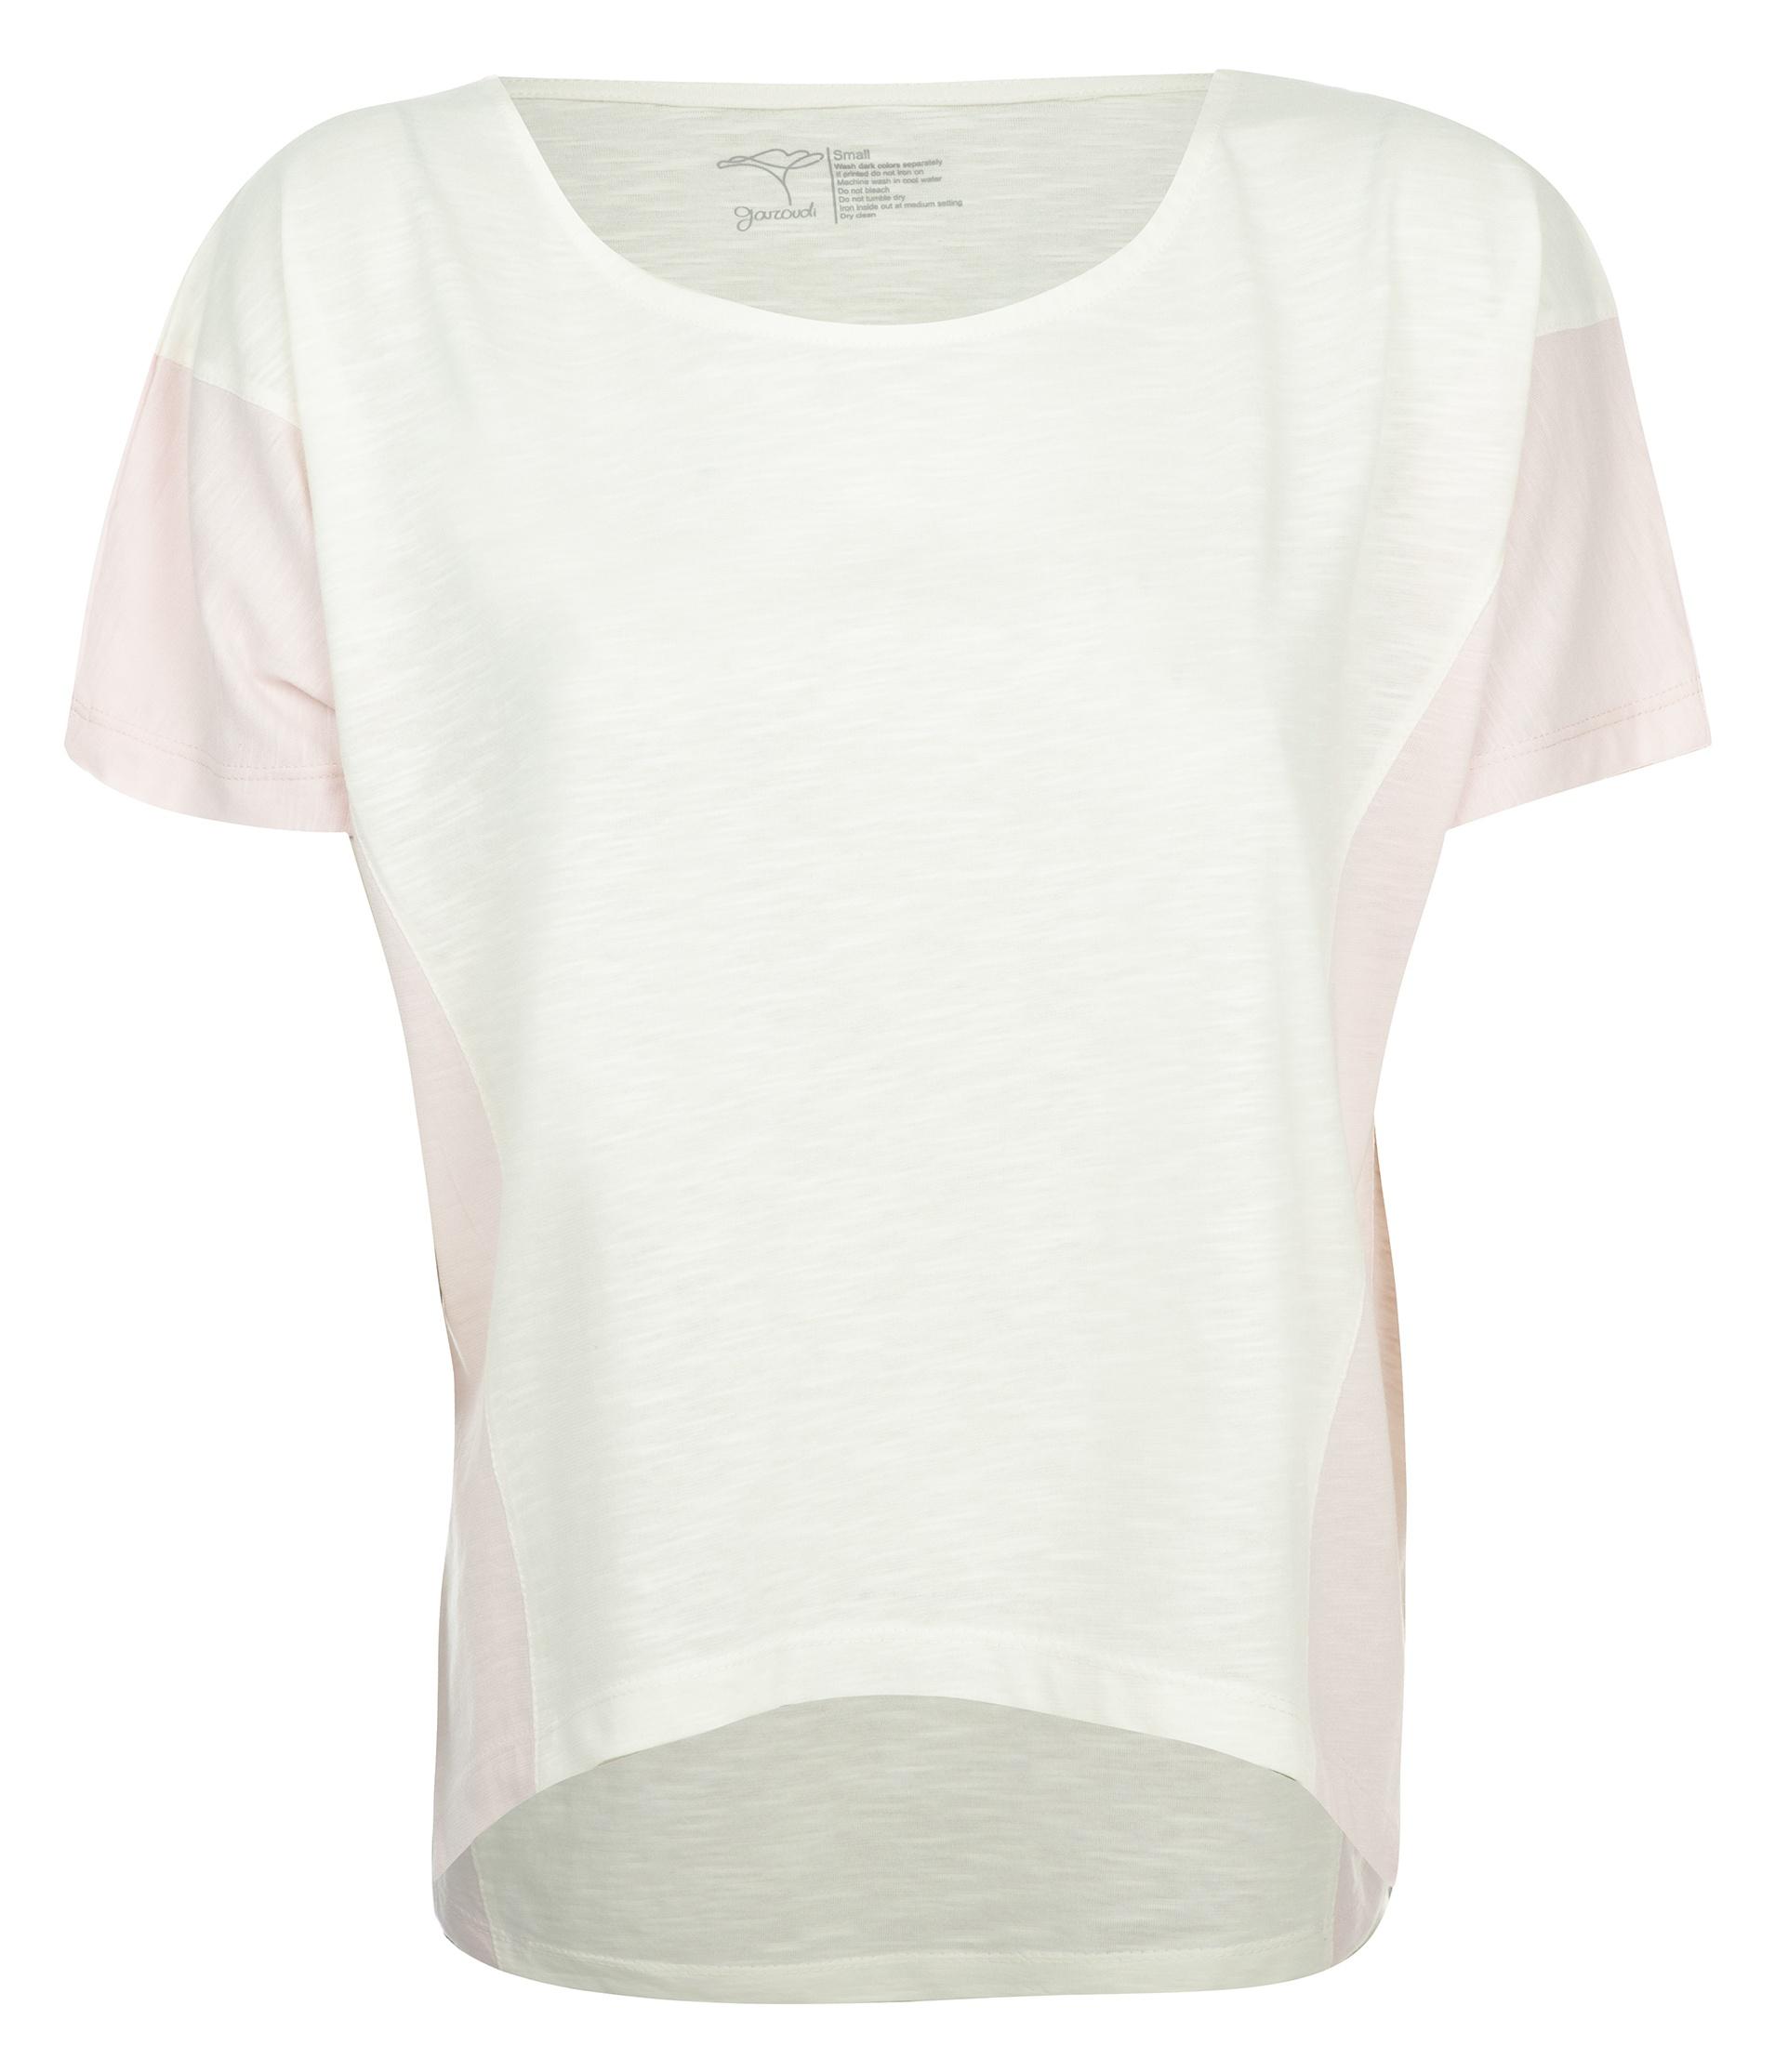 تصویر تی شرت زنانه گارودی مدل 1003103017-91